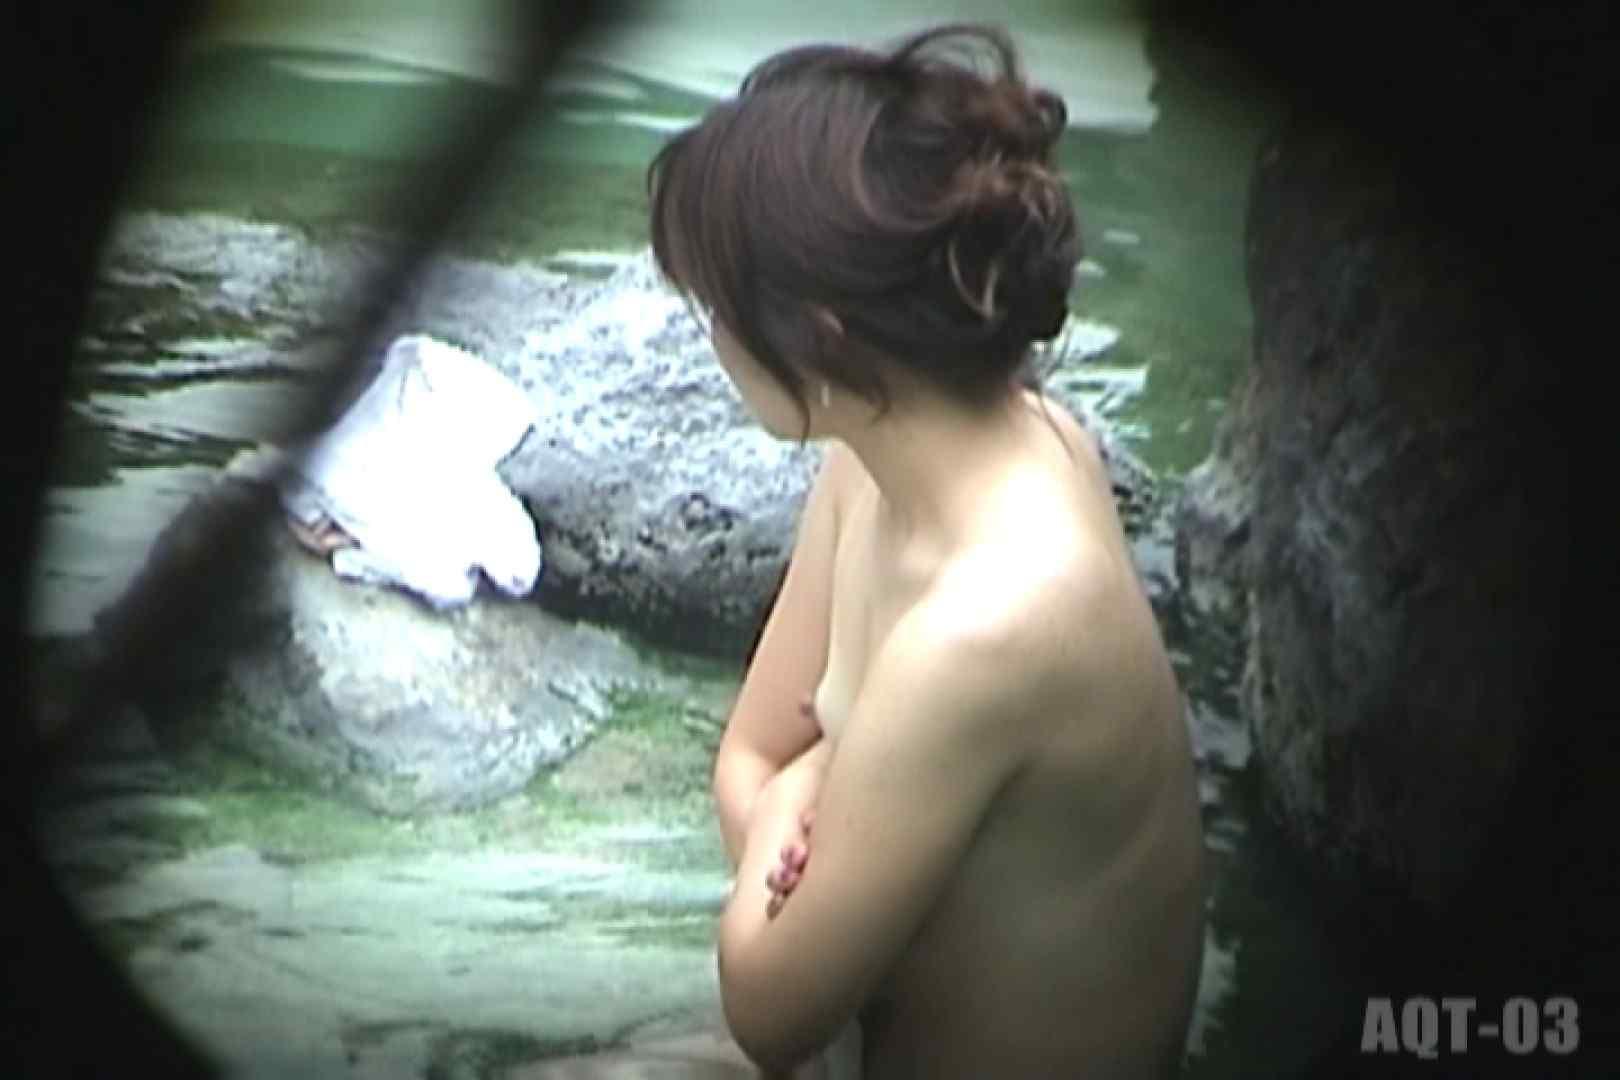 Aquaな露天風呂Vol.728 綺麗なOLたち SEX無修正画像 106枚 71